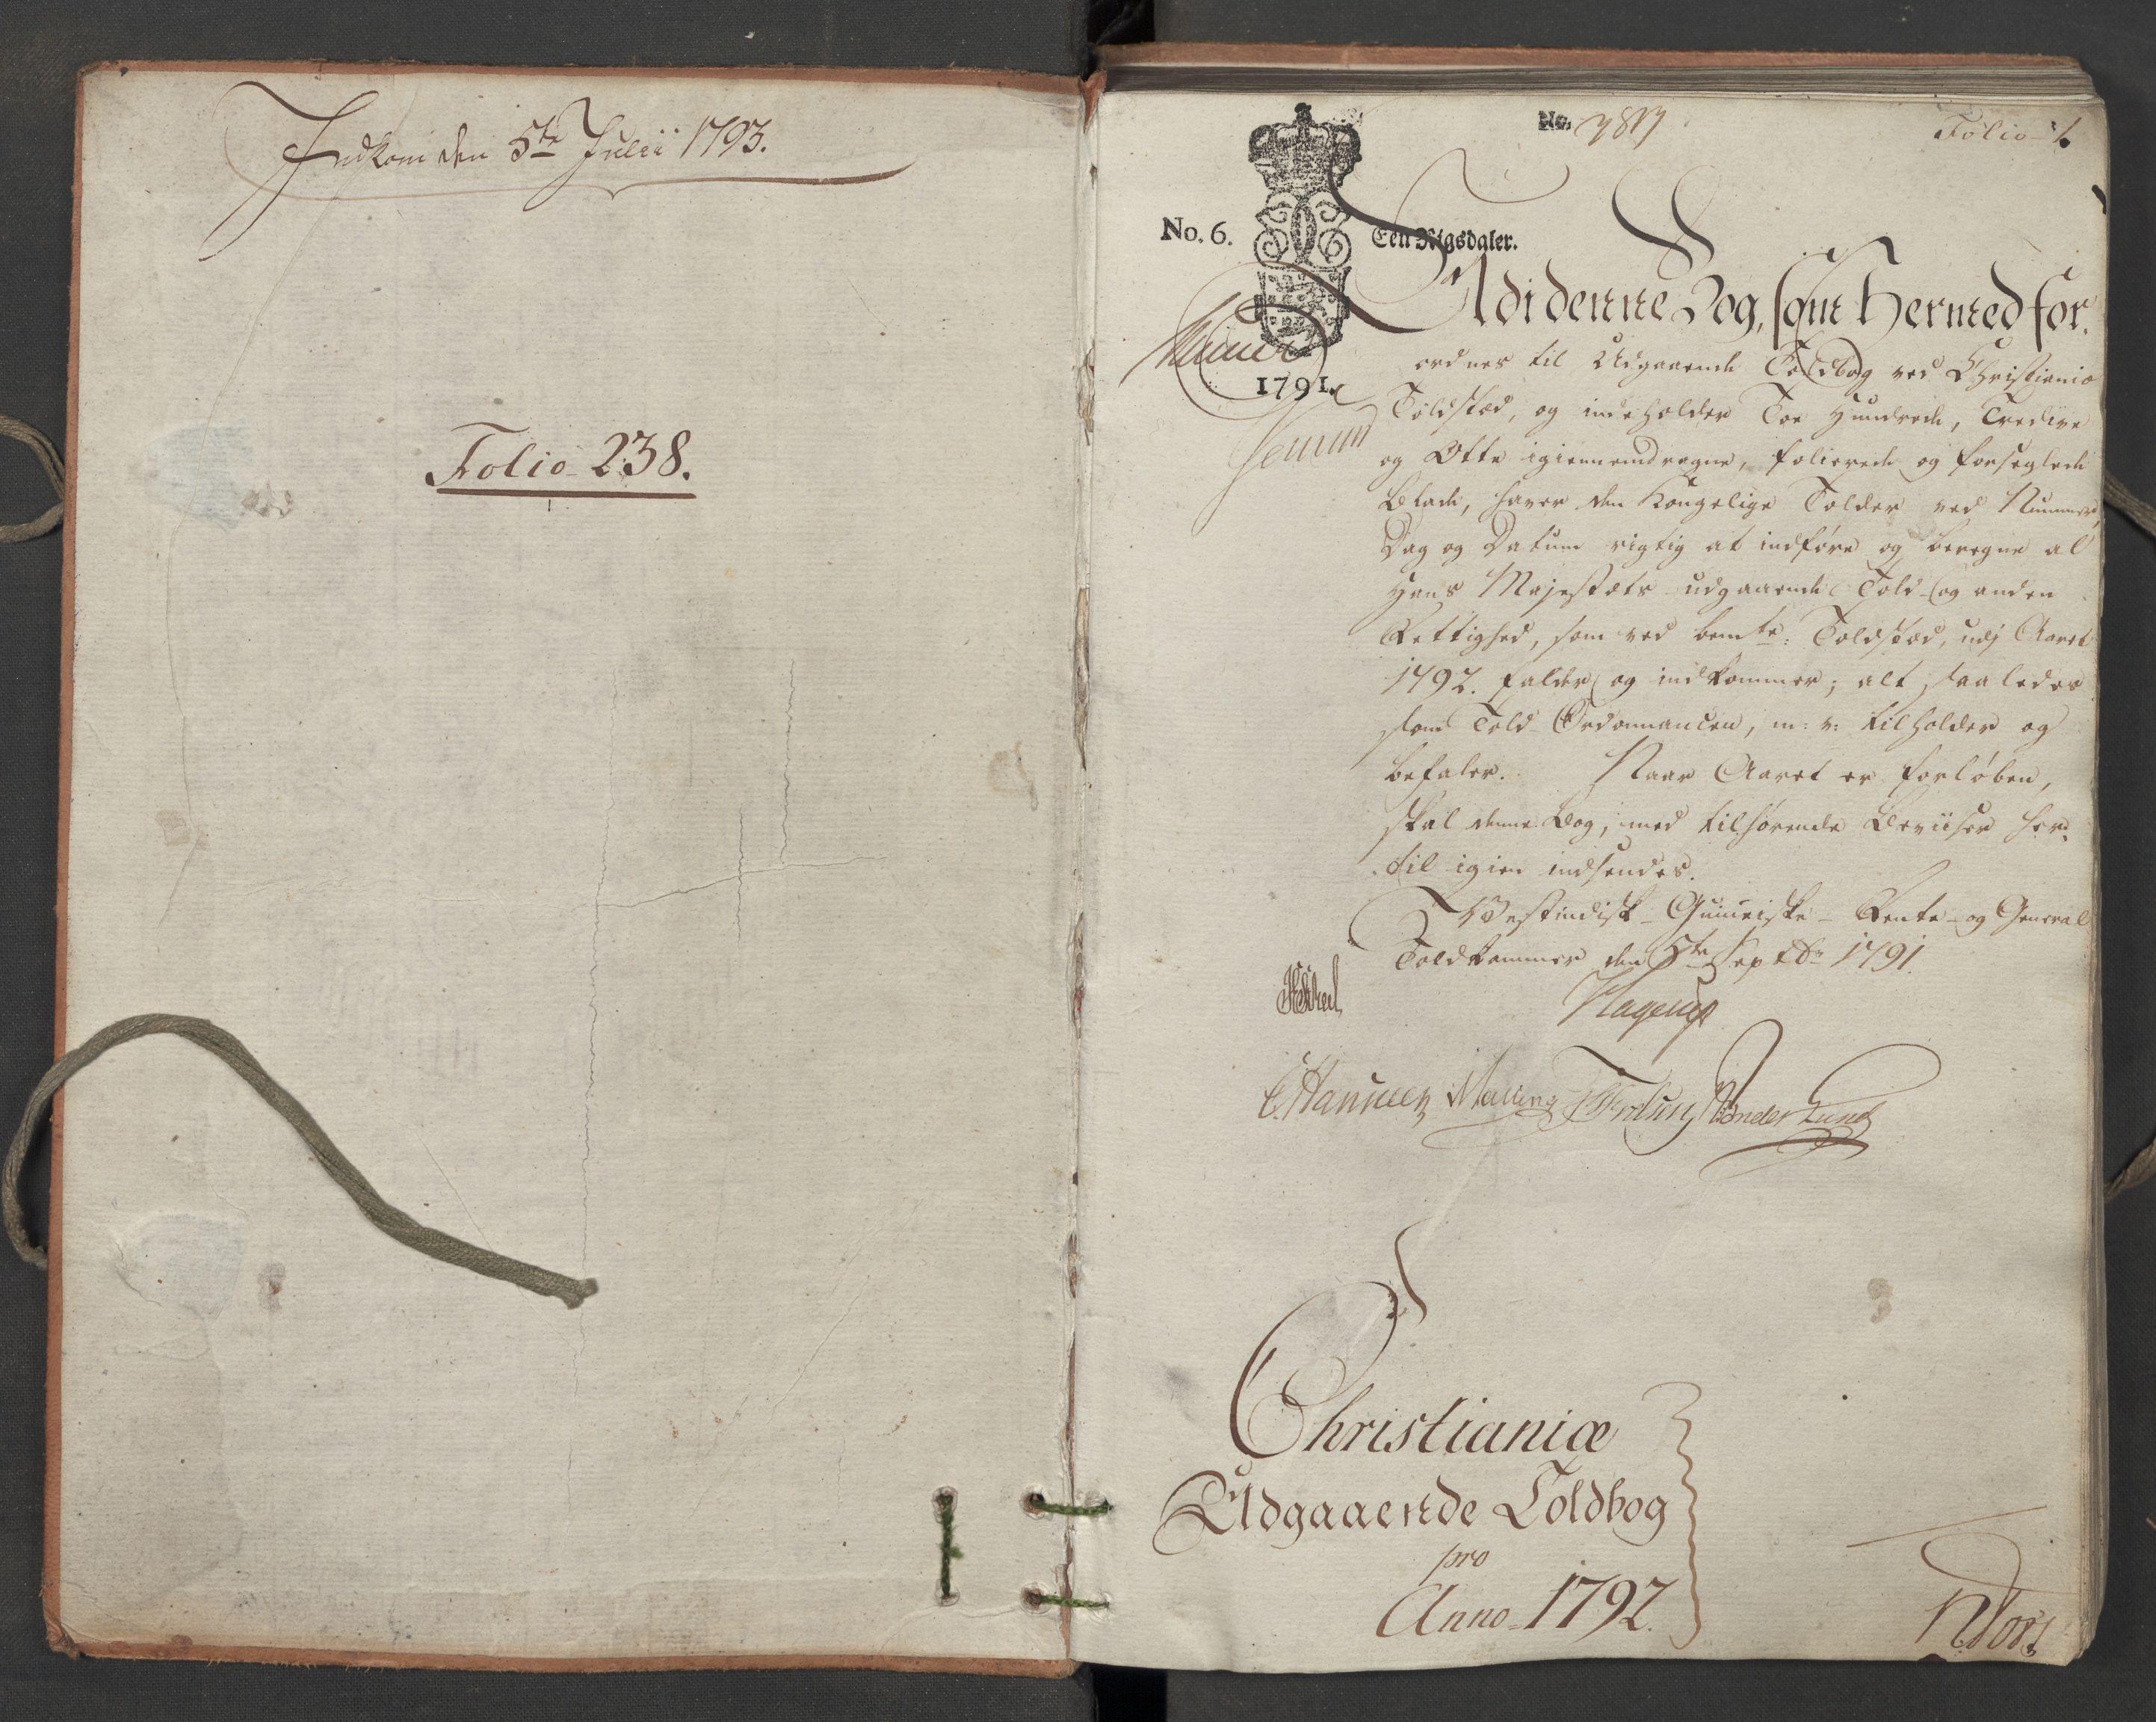 RA, Generaltollkammeret, tollregnskaper, R06/L0187: Tollregnskaper Kristiania, 1790-1792